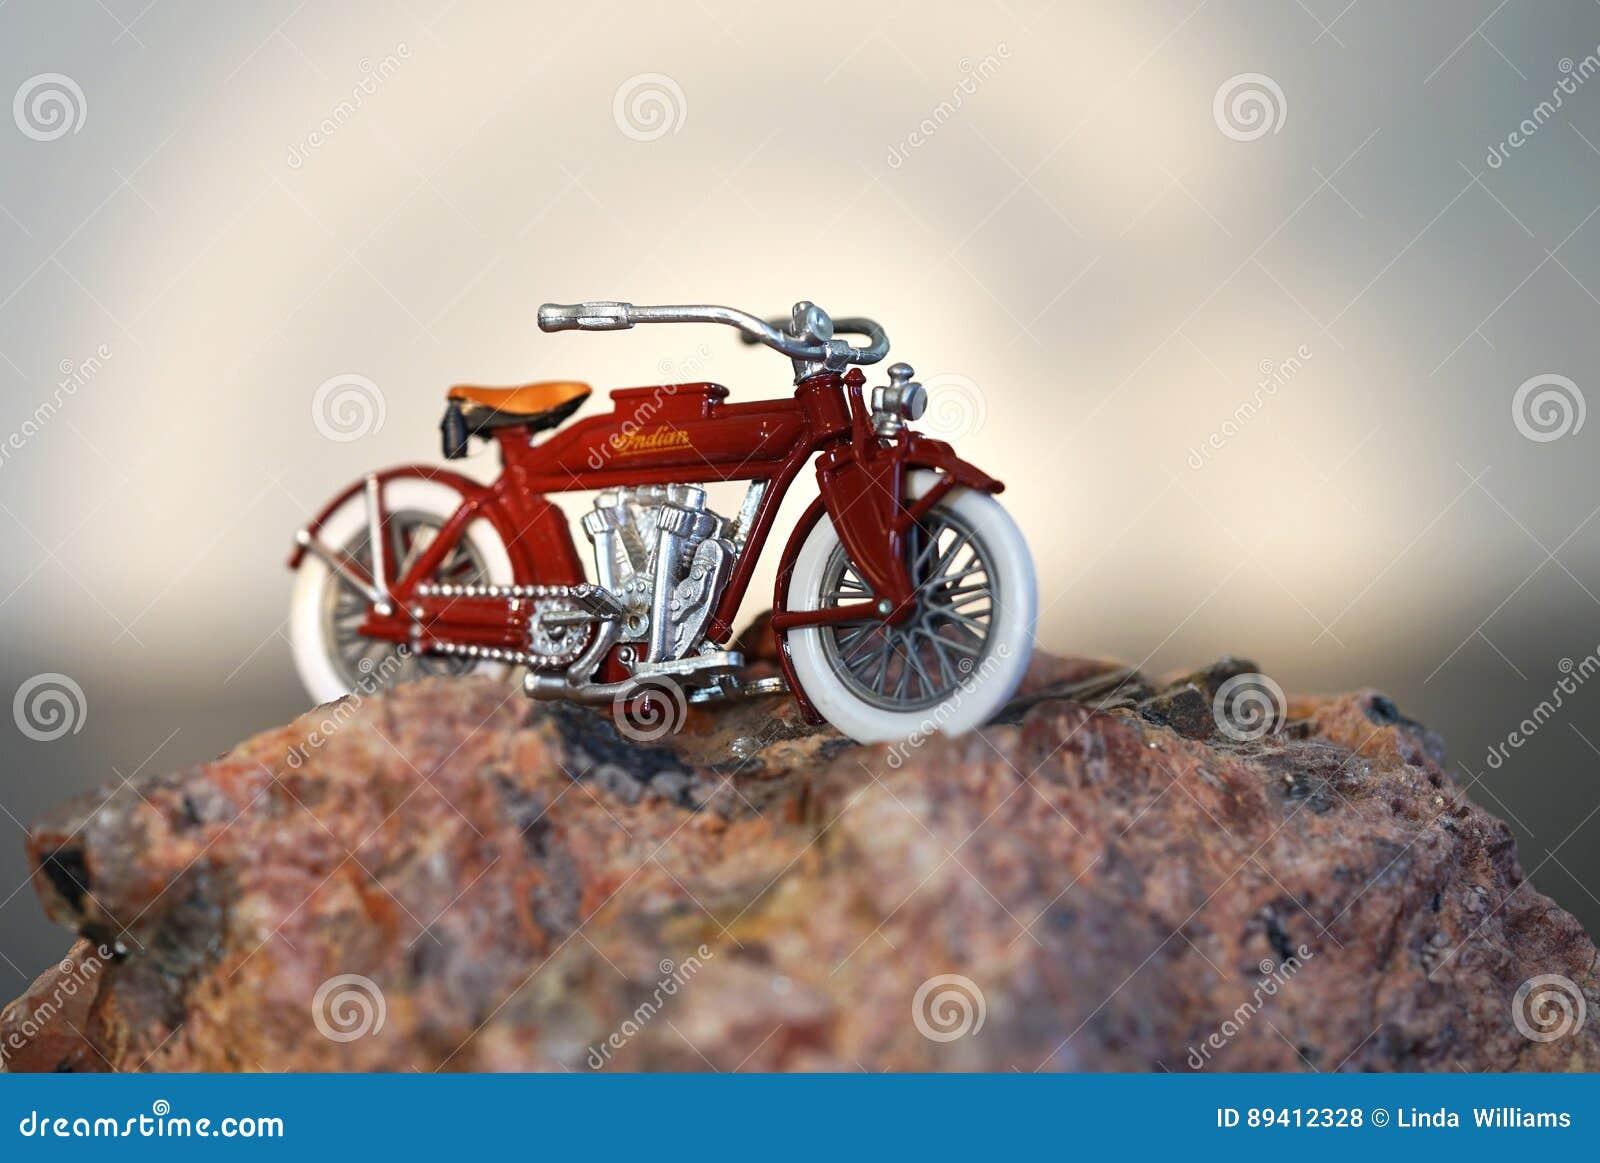 Parte superior do monte - motocicleta indiana